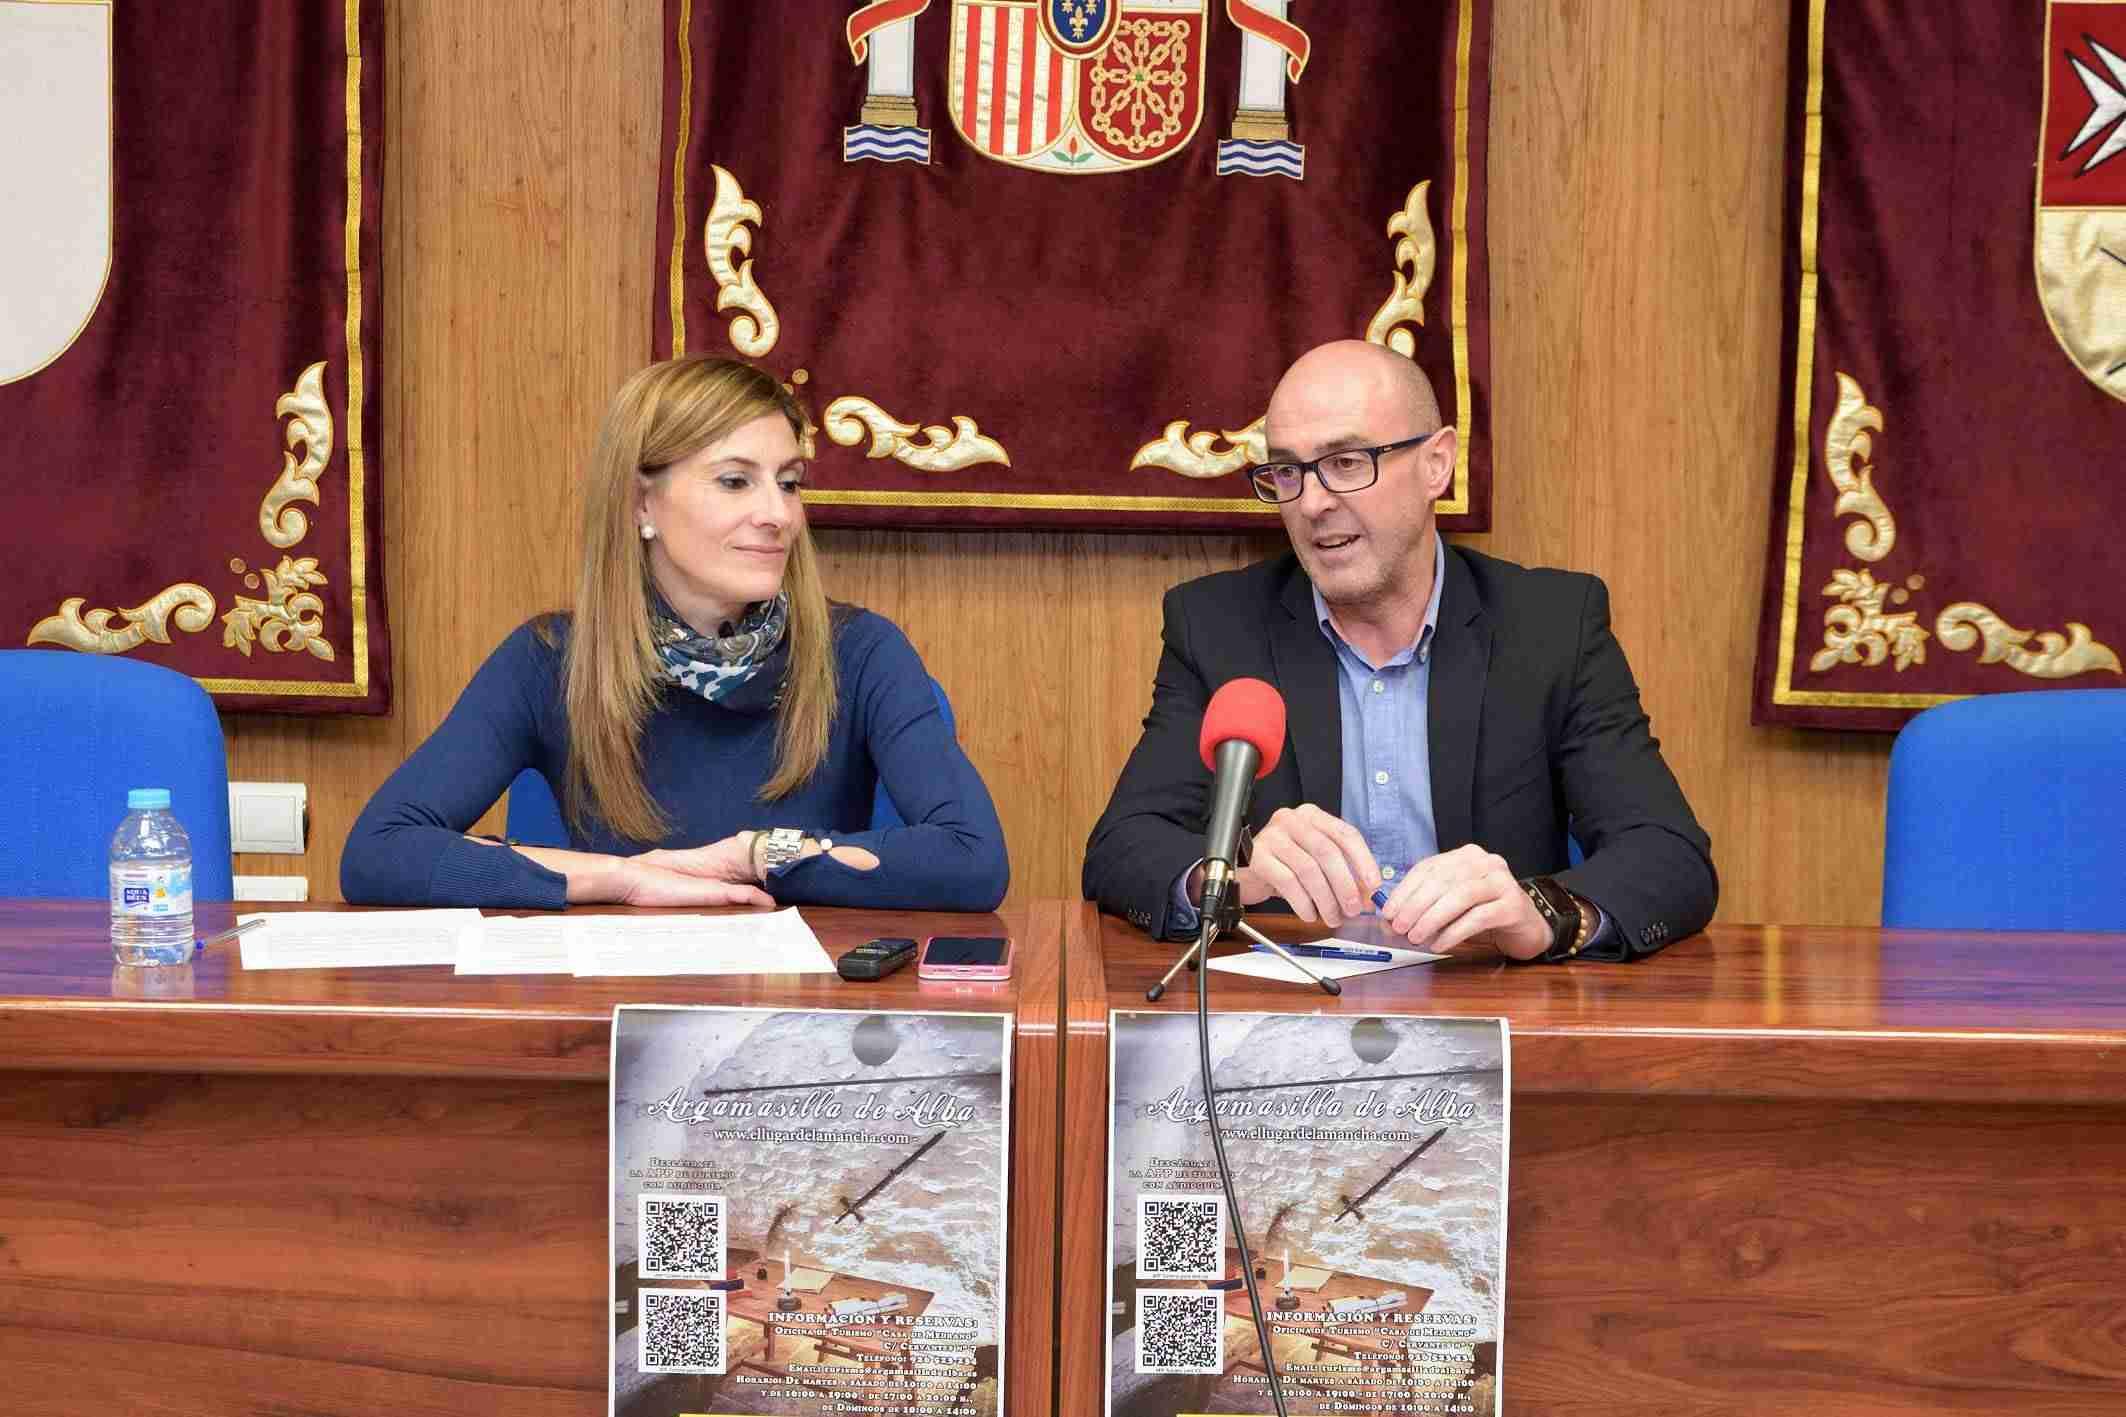 Aumentan las visitas turísticas un 59 % desde 2015 en Argamasilla de Alba 1